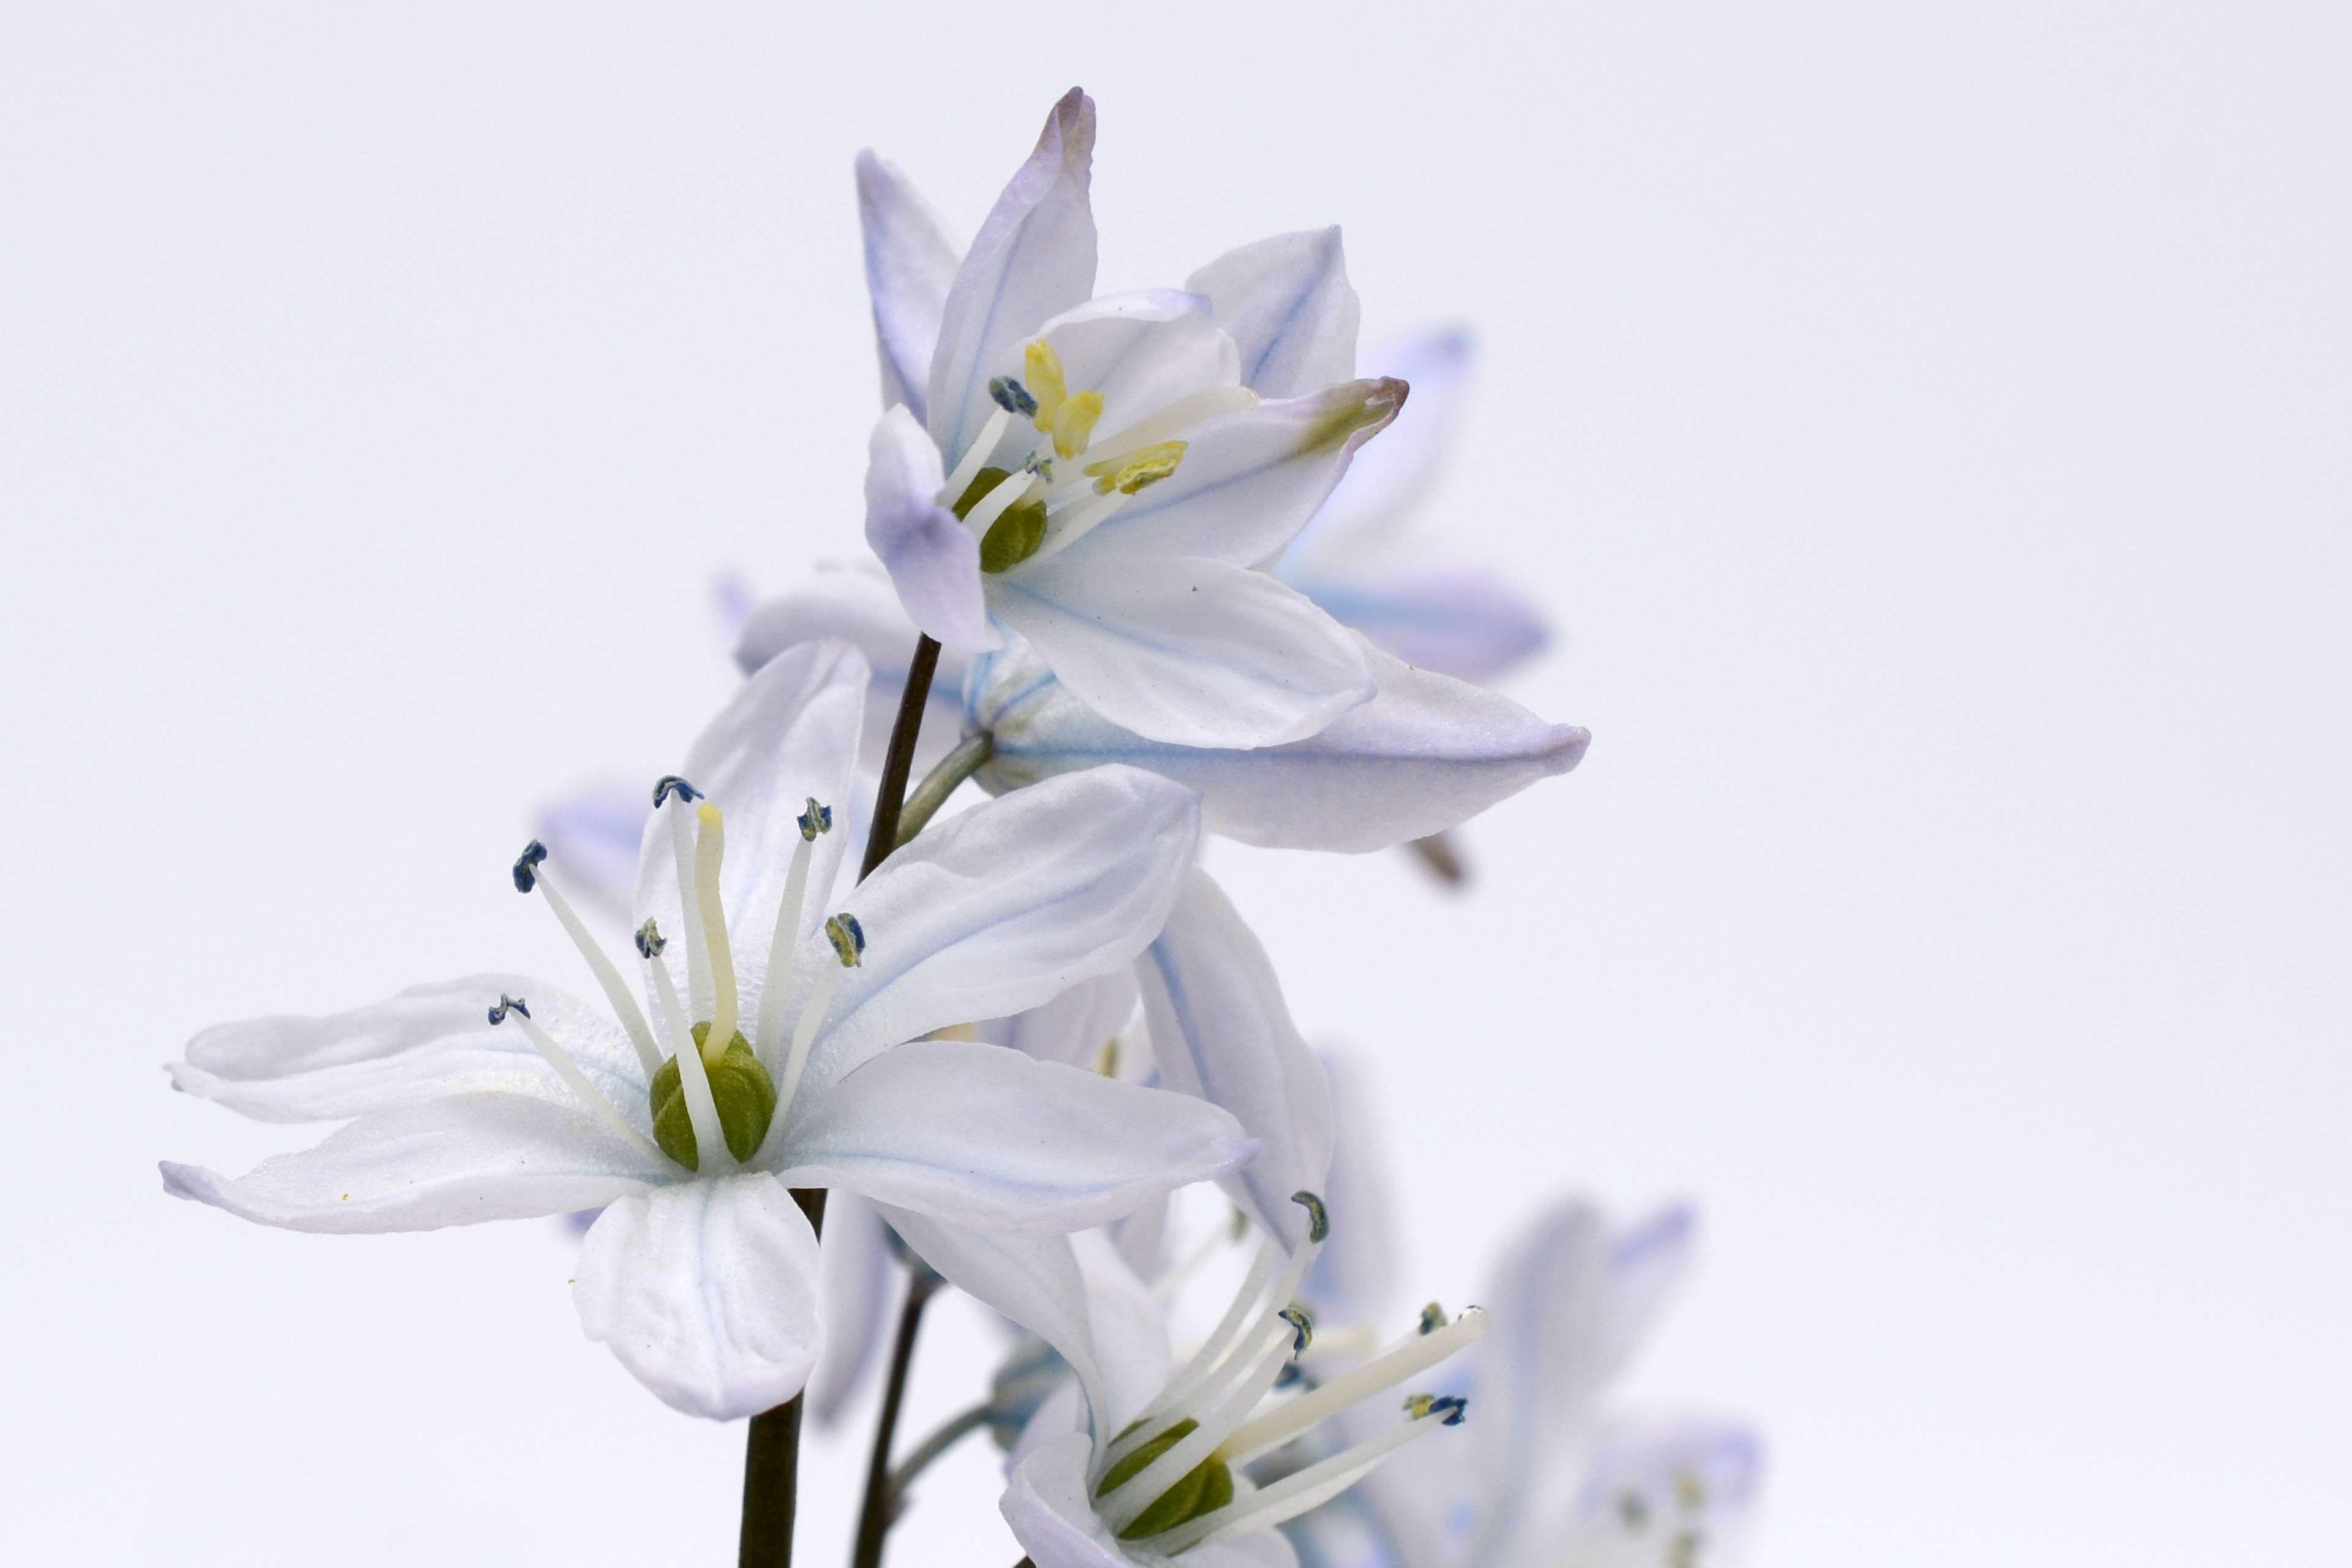 Asparagus Plant Bloom Blossom Blue Blue Star Flower Flowers Frhlingsblher Nature Plant Scilla Spring Spring Fl Star Flower Colorful Flowers Plants